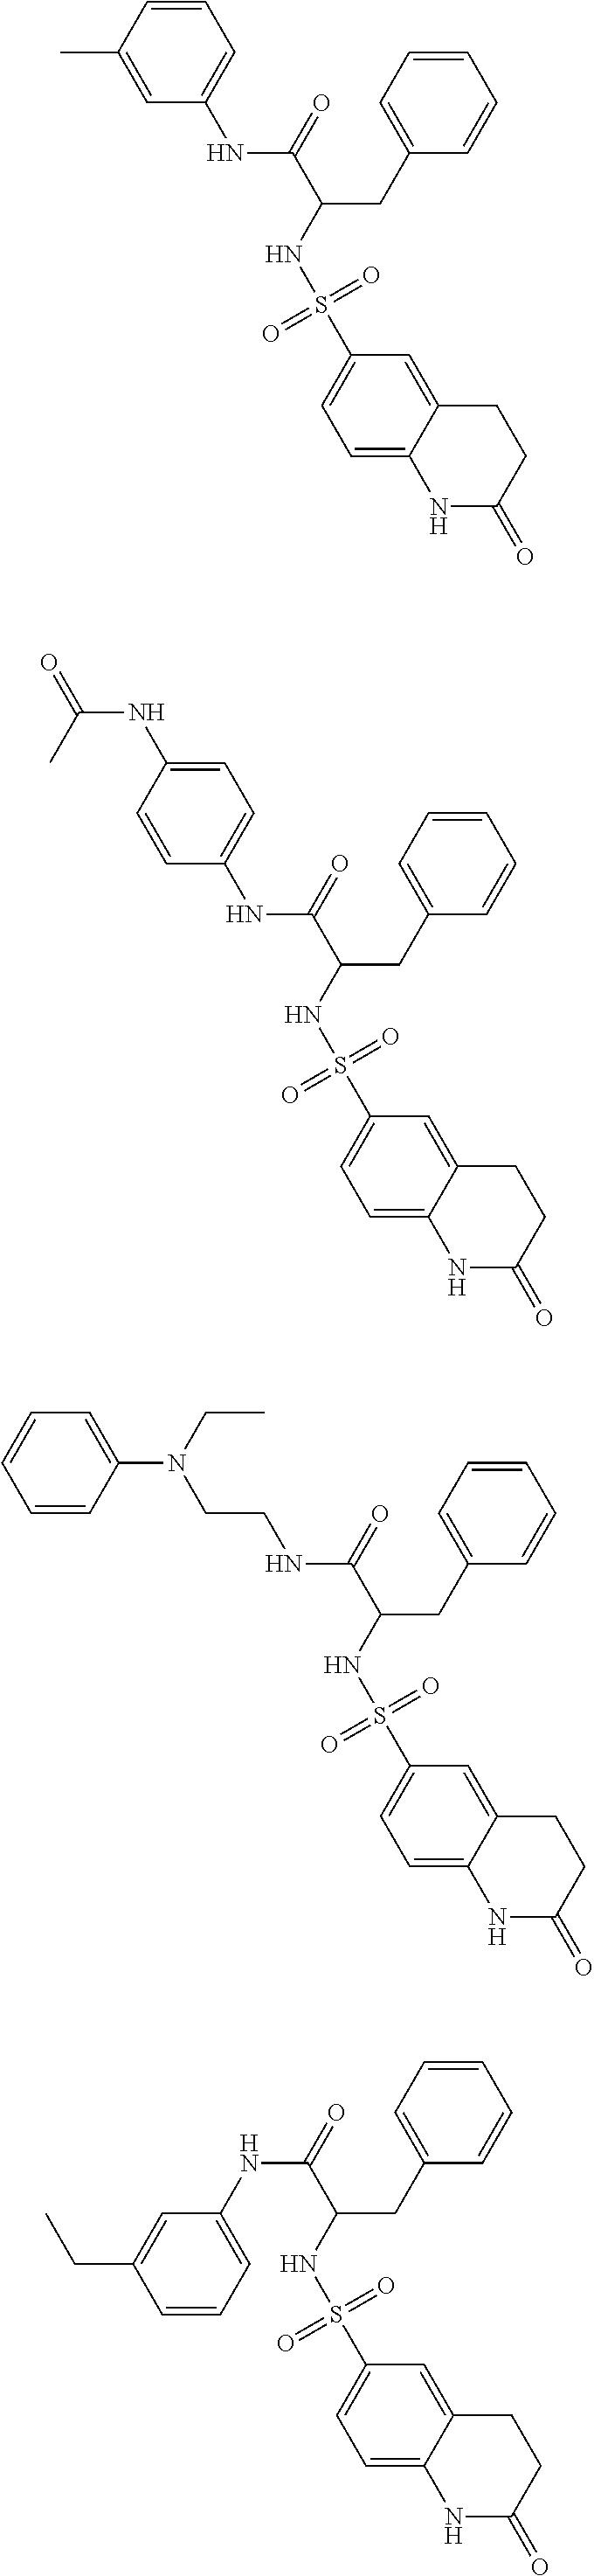 Figure US08957075-20150217-C00036